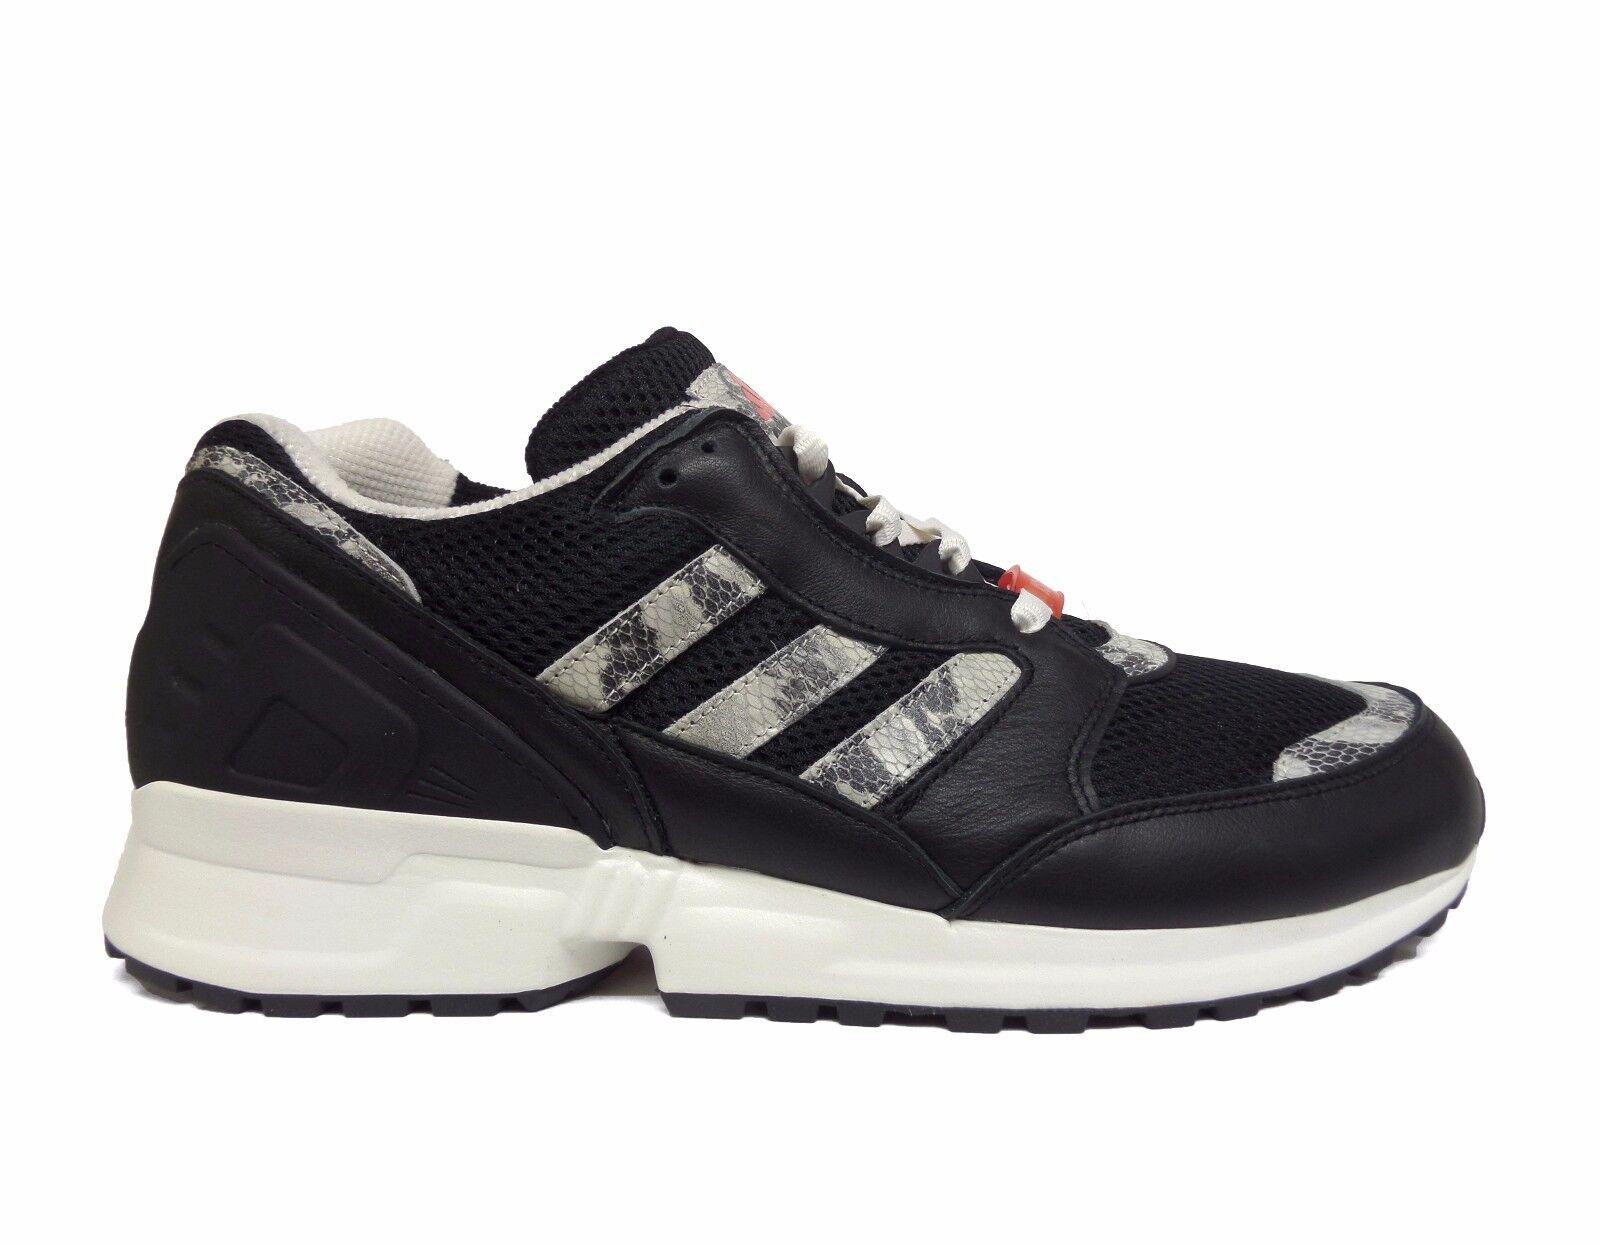 Adidas uomini facendo attenuare le scarpe m25764 a1) | Design moderno  | Scolaro/Ragazze Scarpa